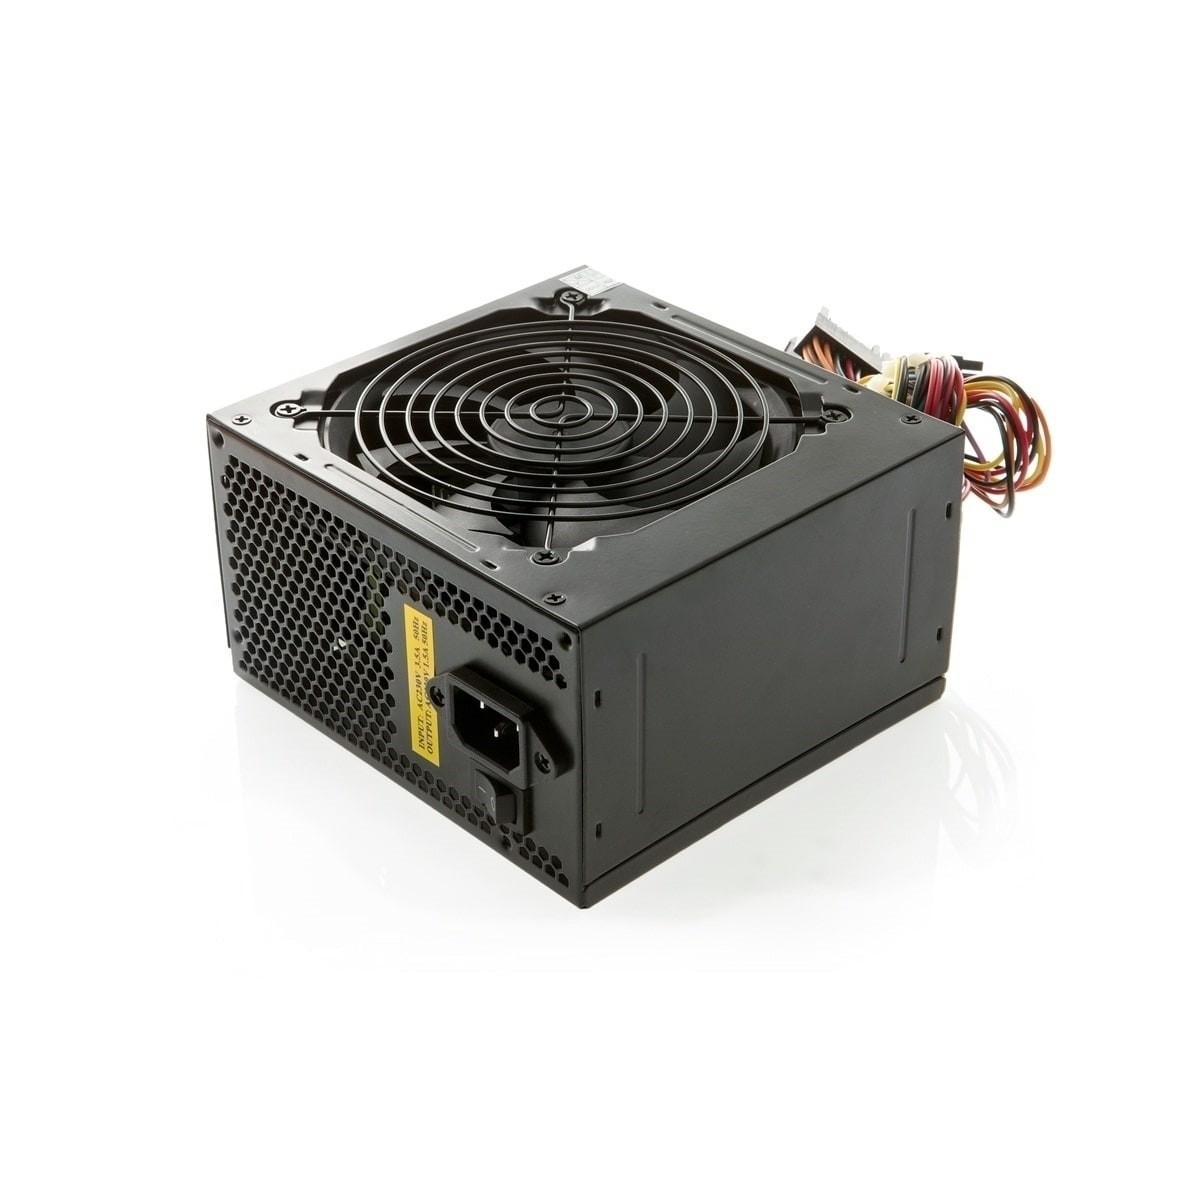 Fonte 650w Real 24ps Bivolt  c/ cabo  ATX650W GREAT/BRONE